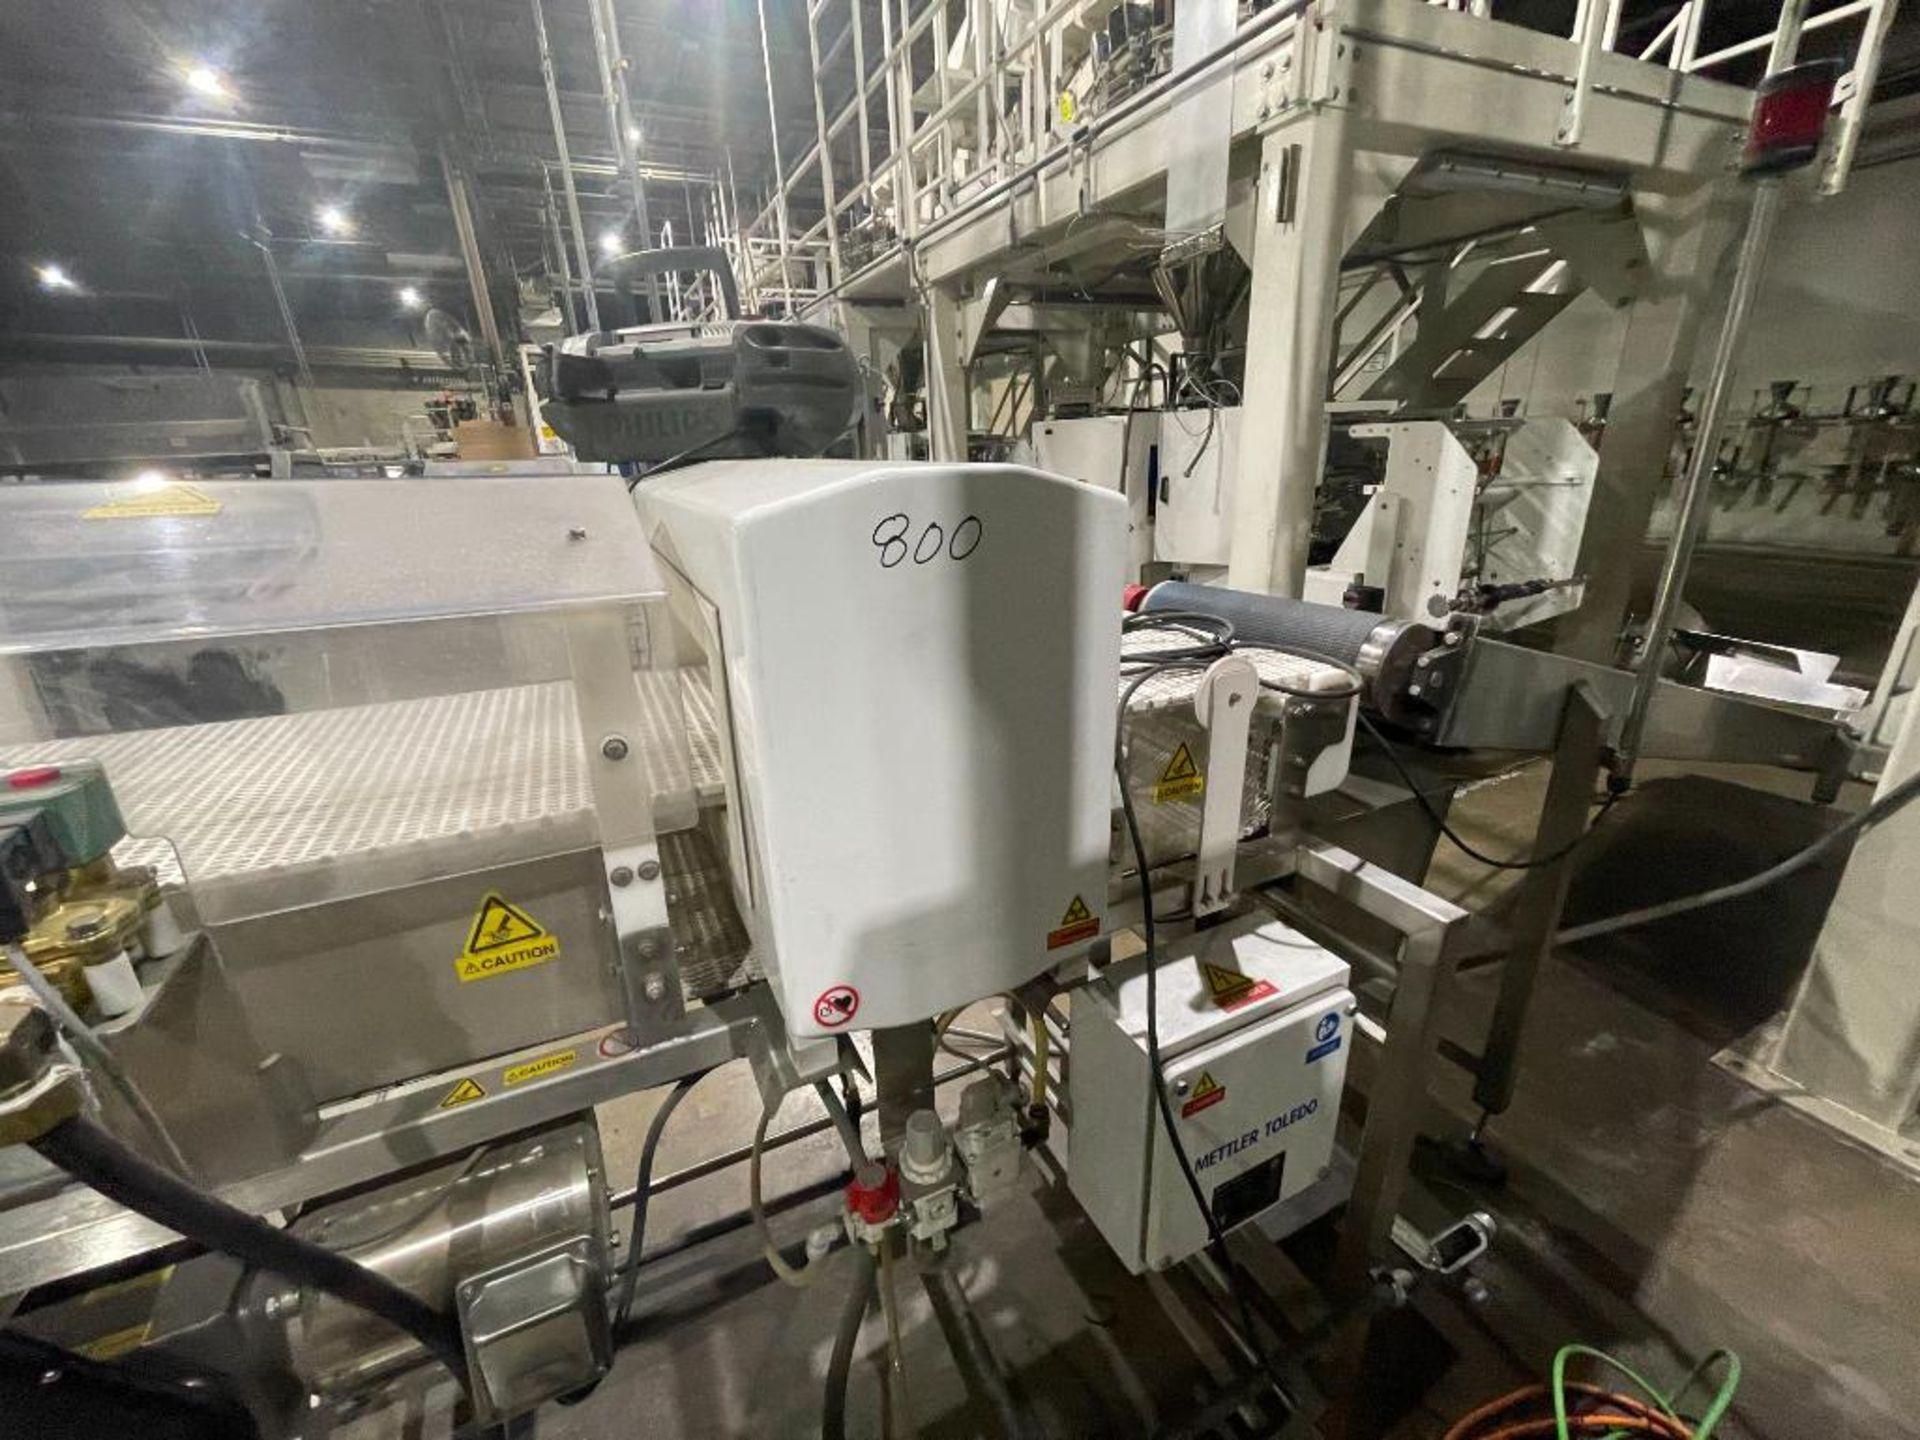 2016 Mettler Toledo metal detector, model SL1500 - Image 8 of 16